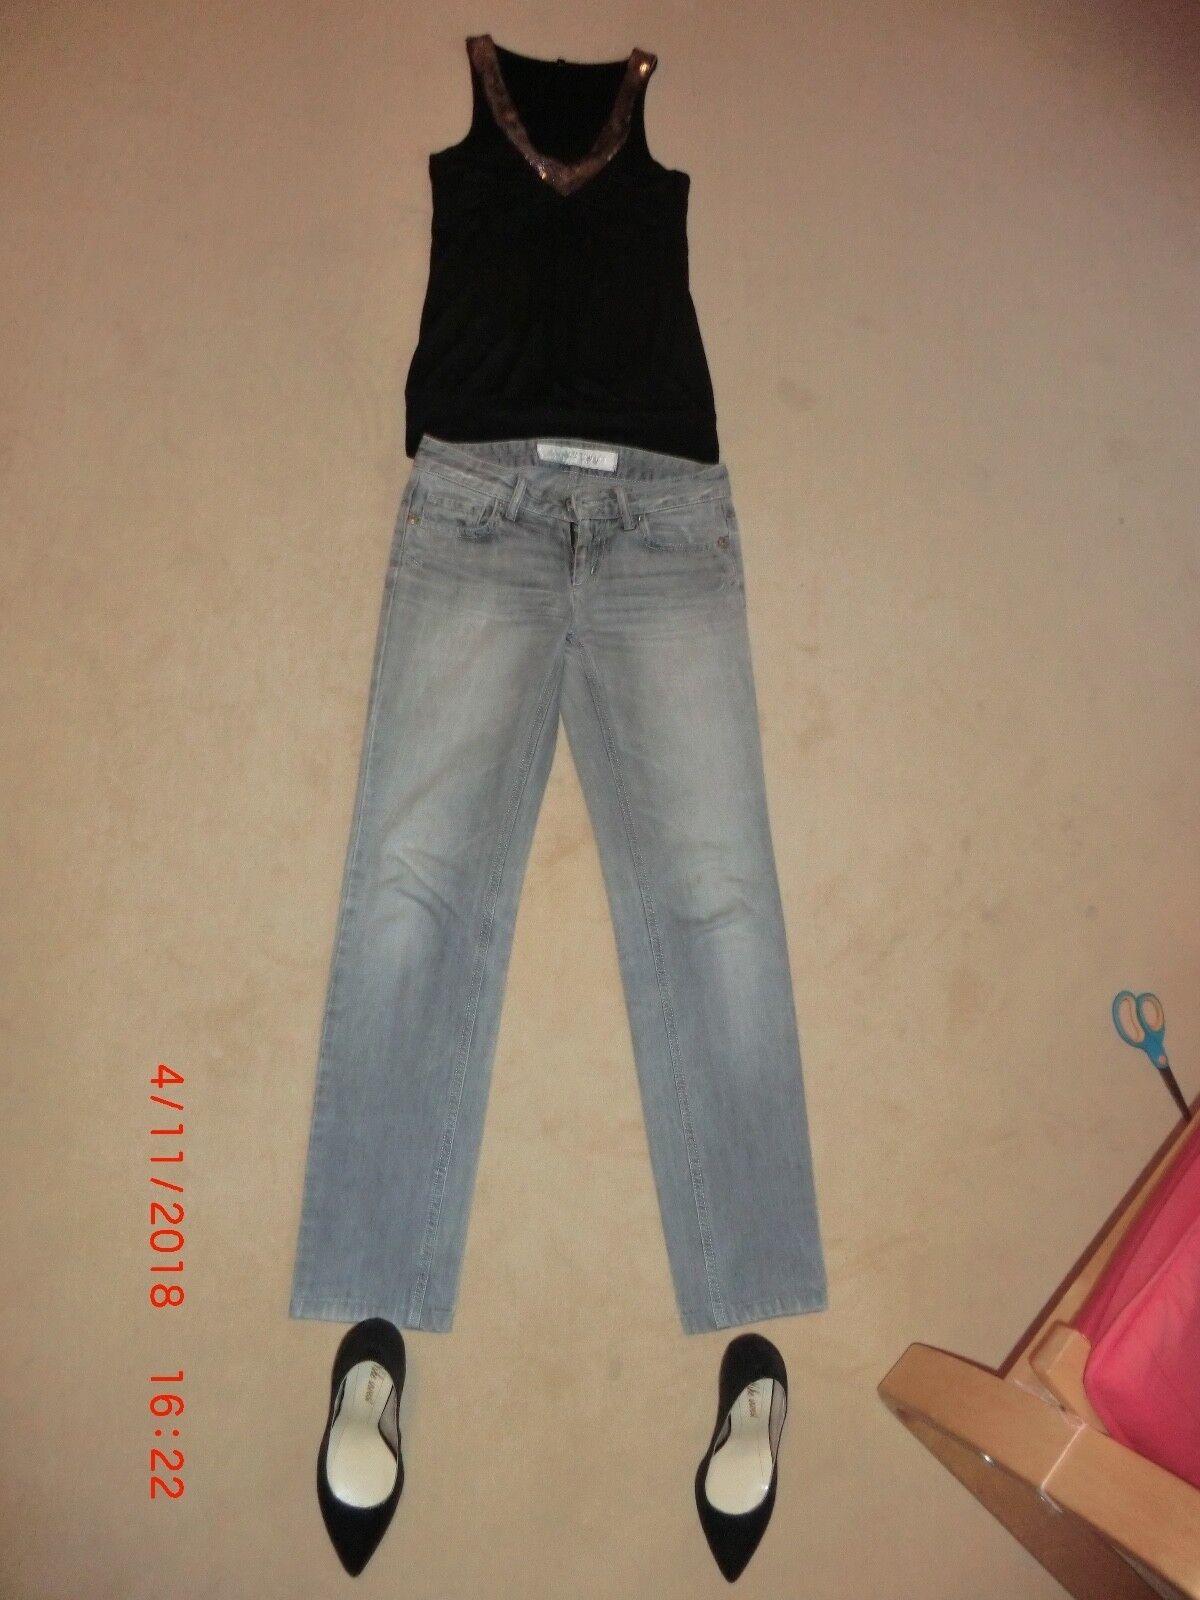 Set aus Top mit Glitzereinsatz von Amisu,Jeans W27 L34 von Take Two,Pumps 35